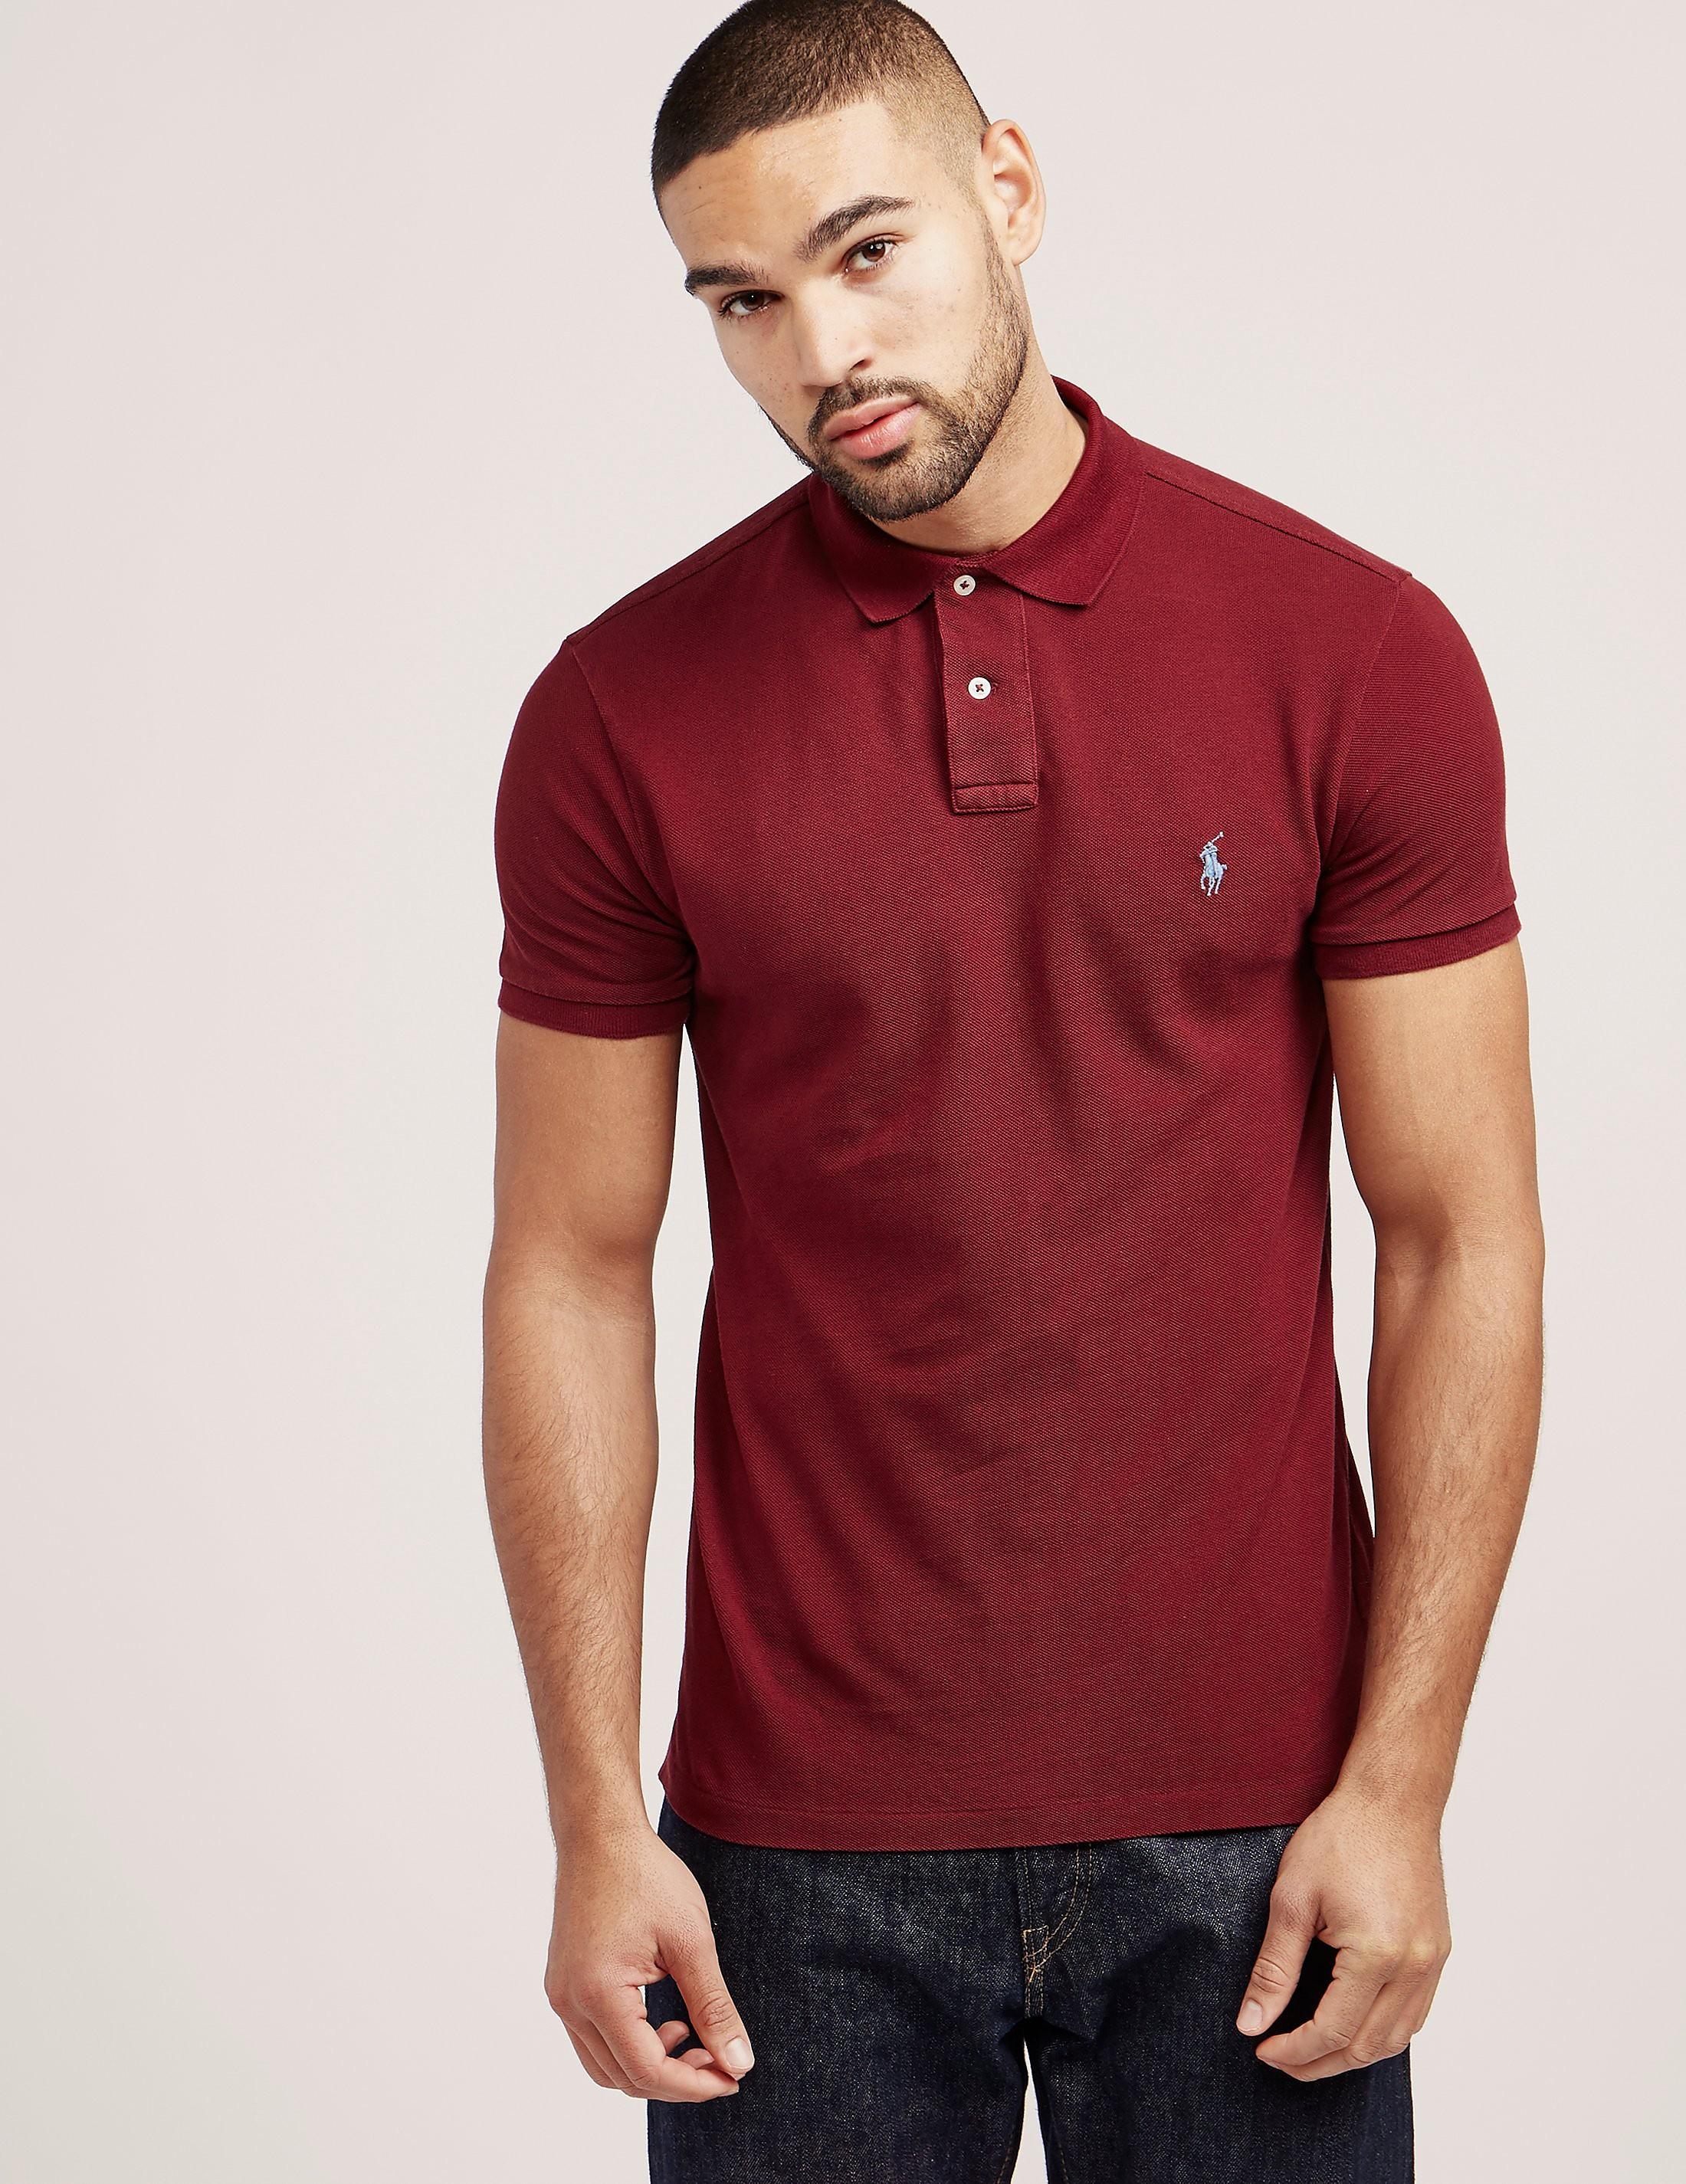 Polo Ralph Lauren Pique Short Sleeve Polo Shirt